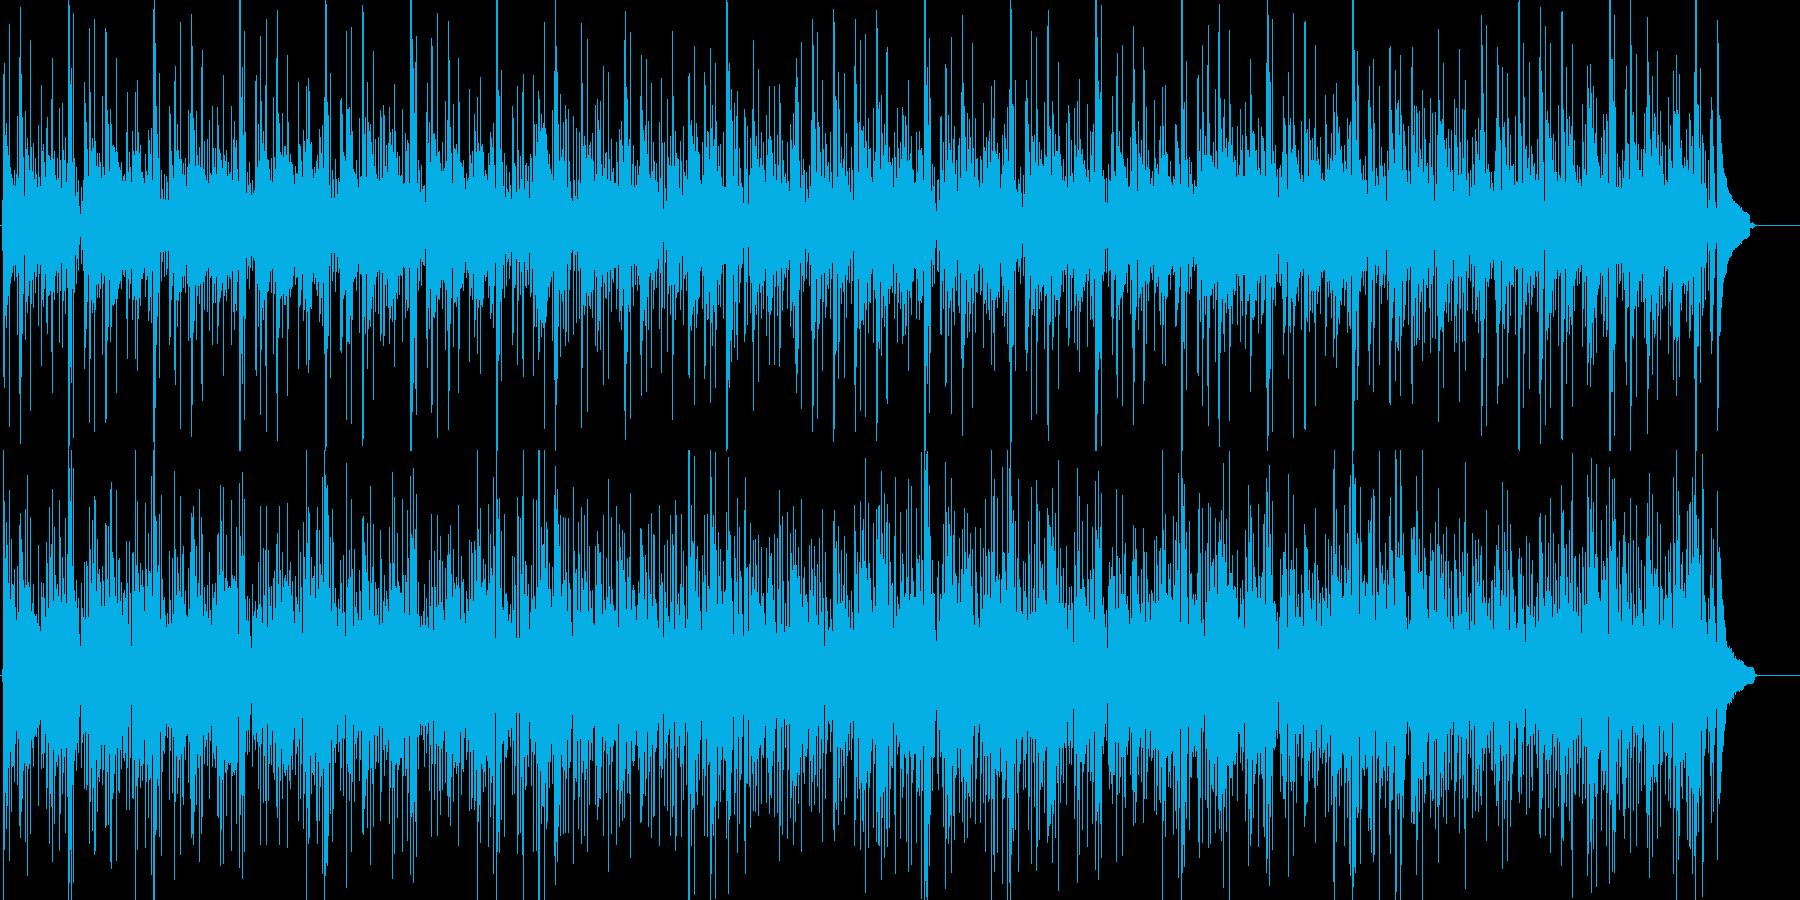 アコースティックな♬カフェミュージックの再生済みの波形